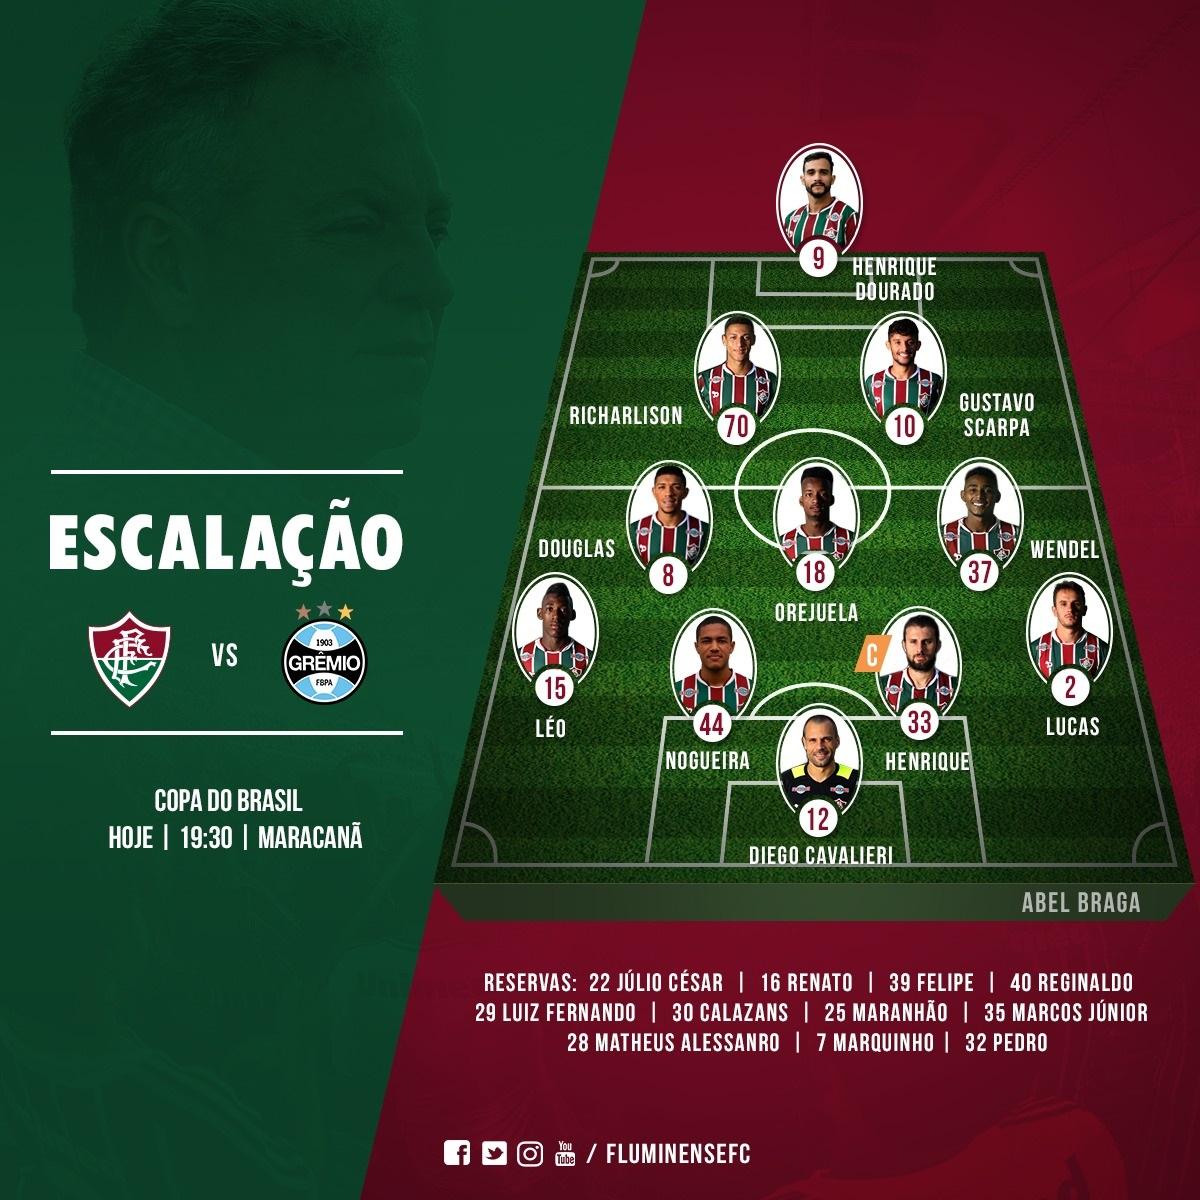 746f877231 Confira o time do Fluminense para a decisão na Copa do Brasil ...